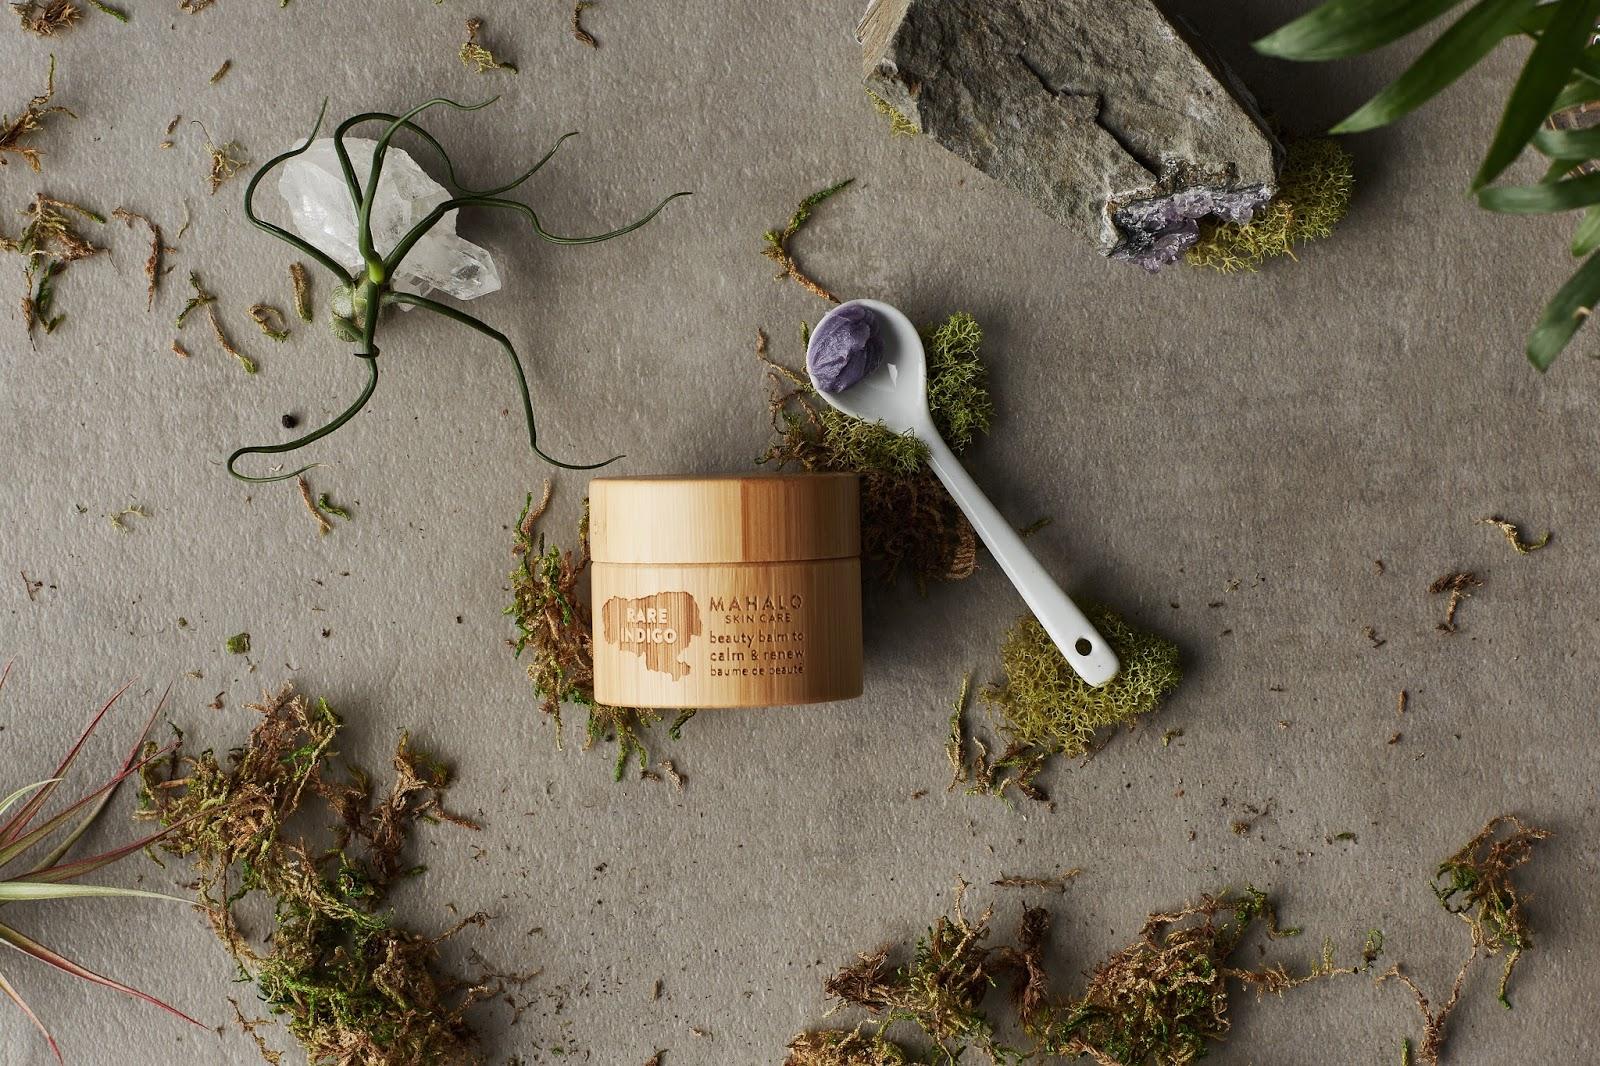 Mahalo Rare Indigo Balm Review Organic Natural Moisturizer